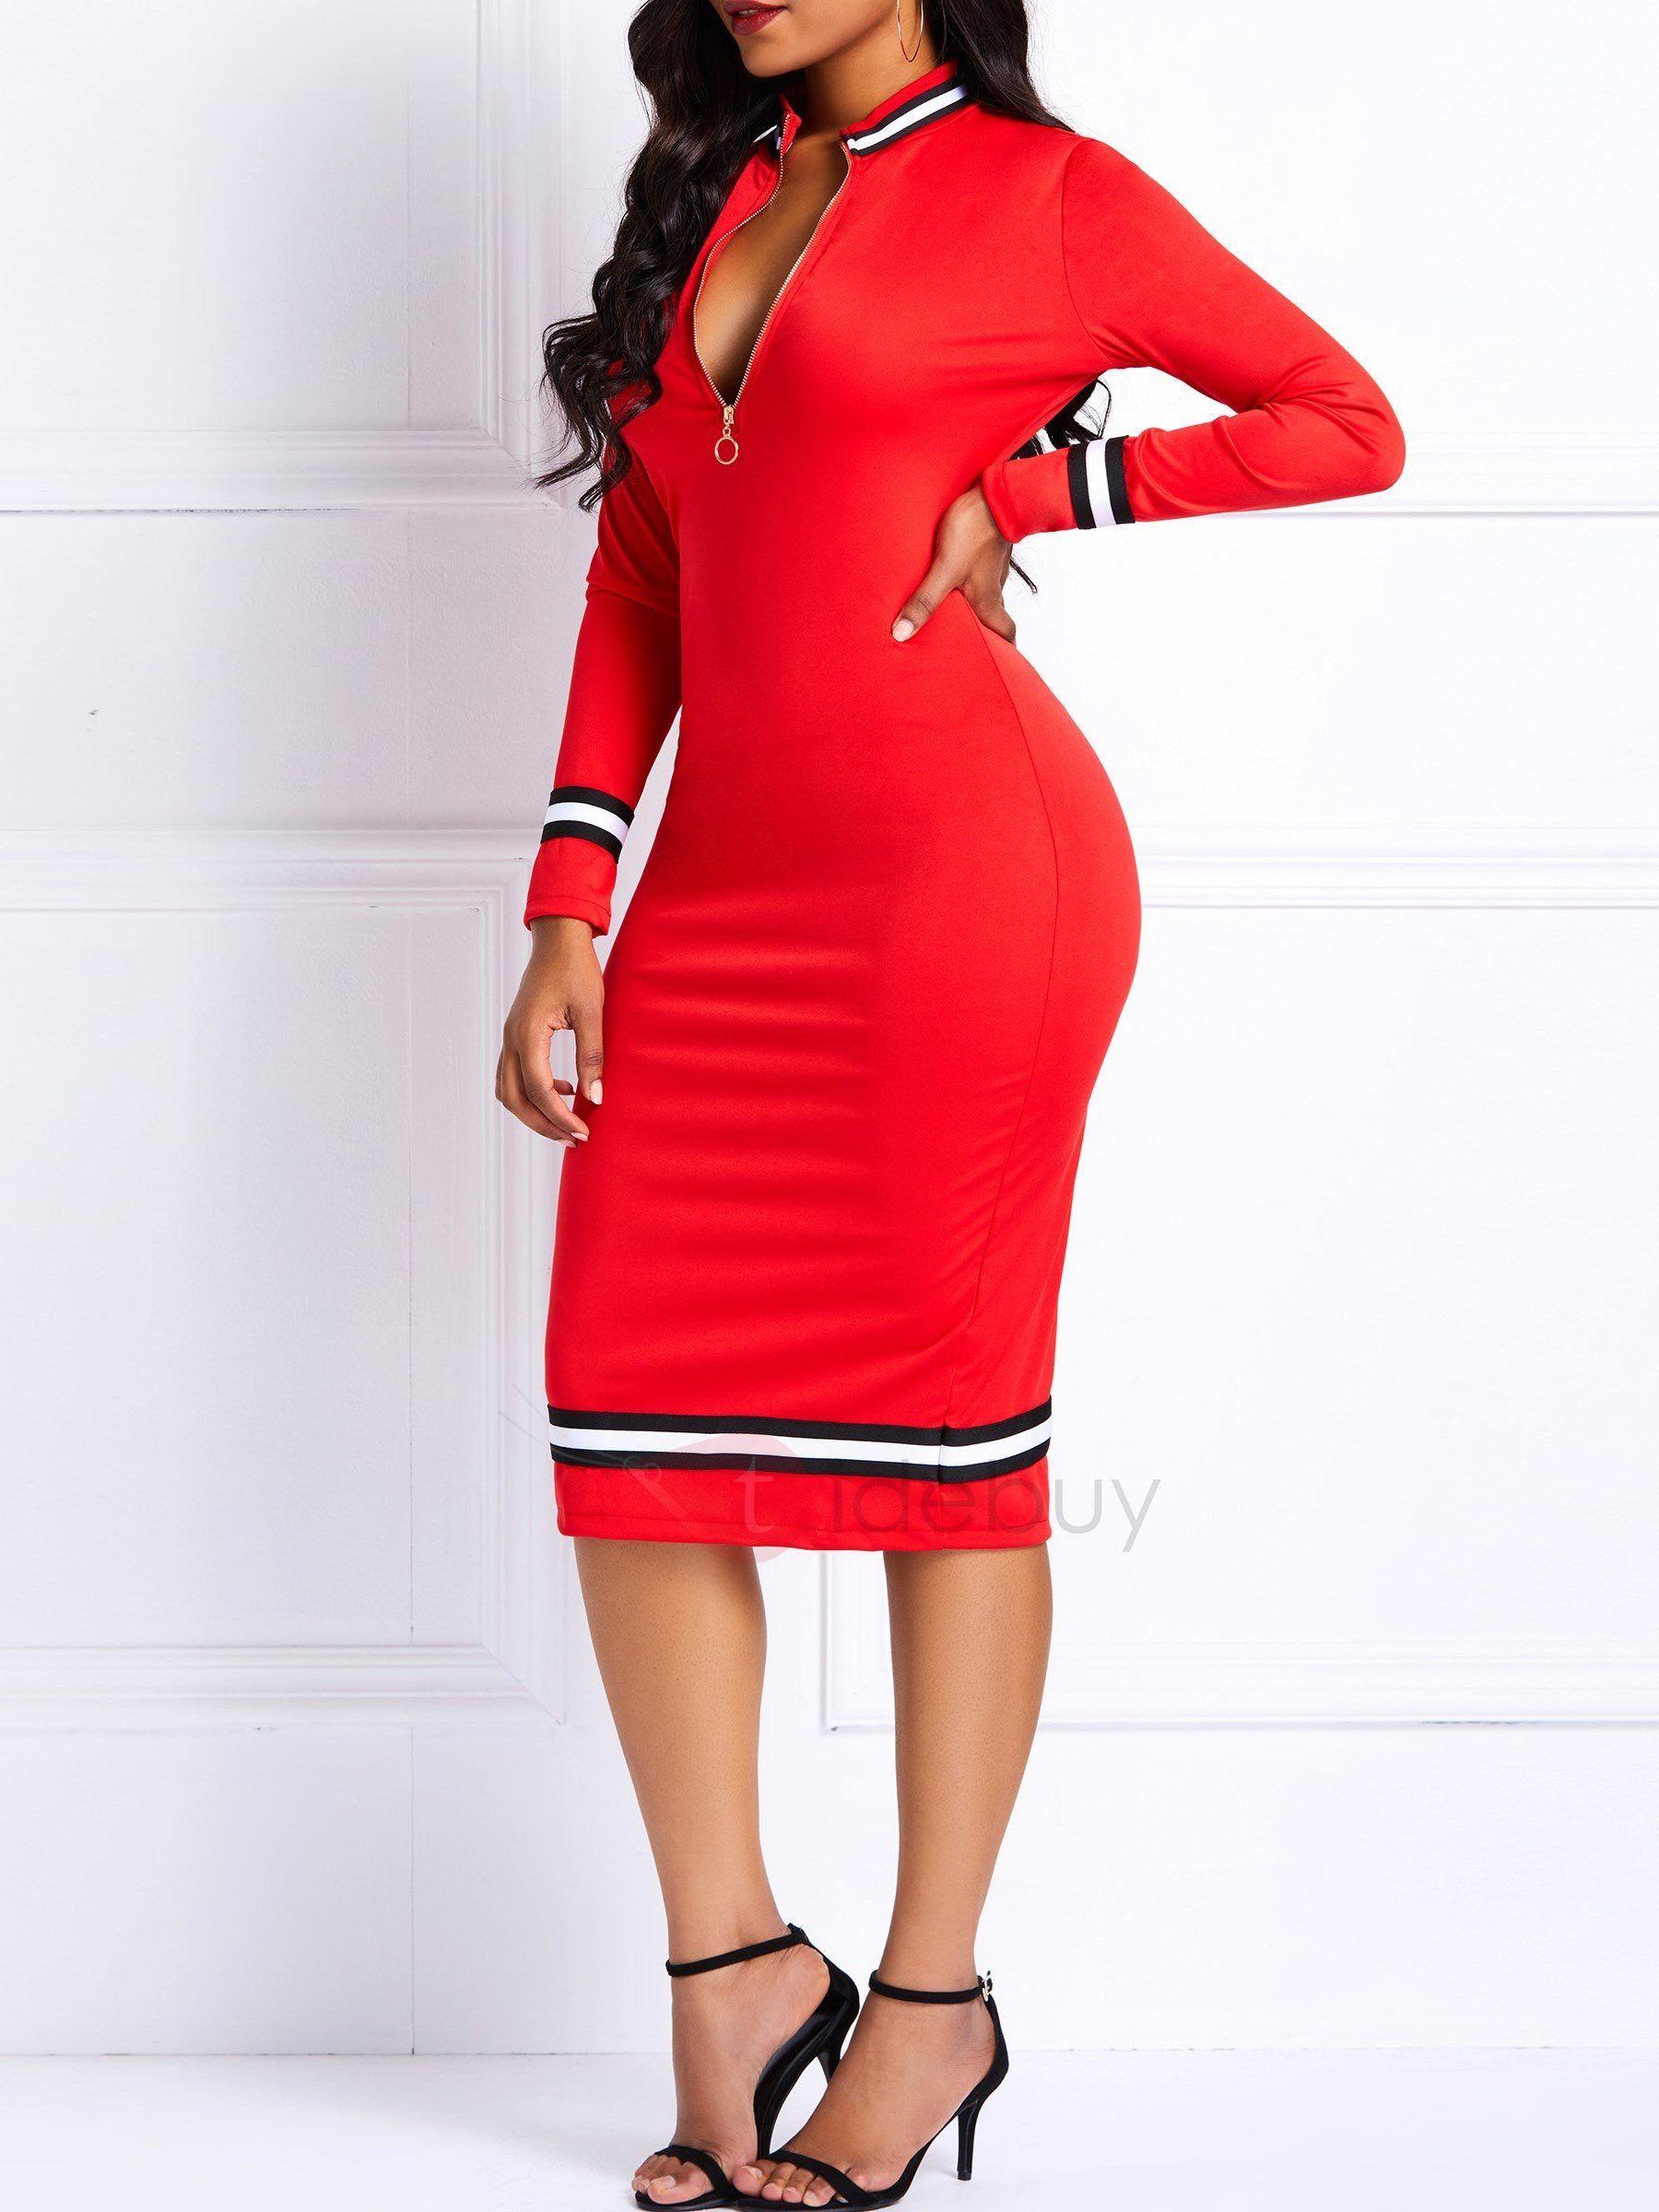 1bbda1972b Knee-Length Polyester Color Block Women s Bodycon Dress Bodycon Dress casual  classy  Bodycon